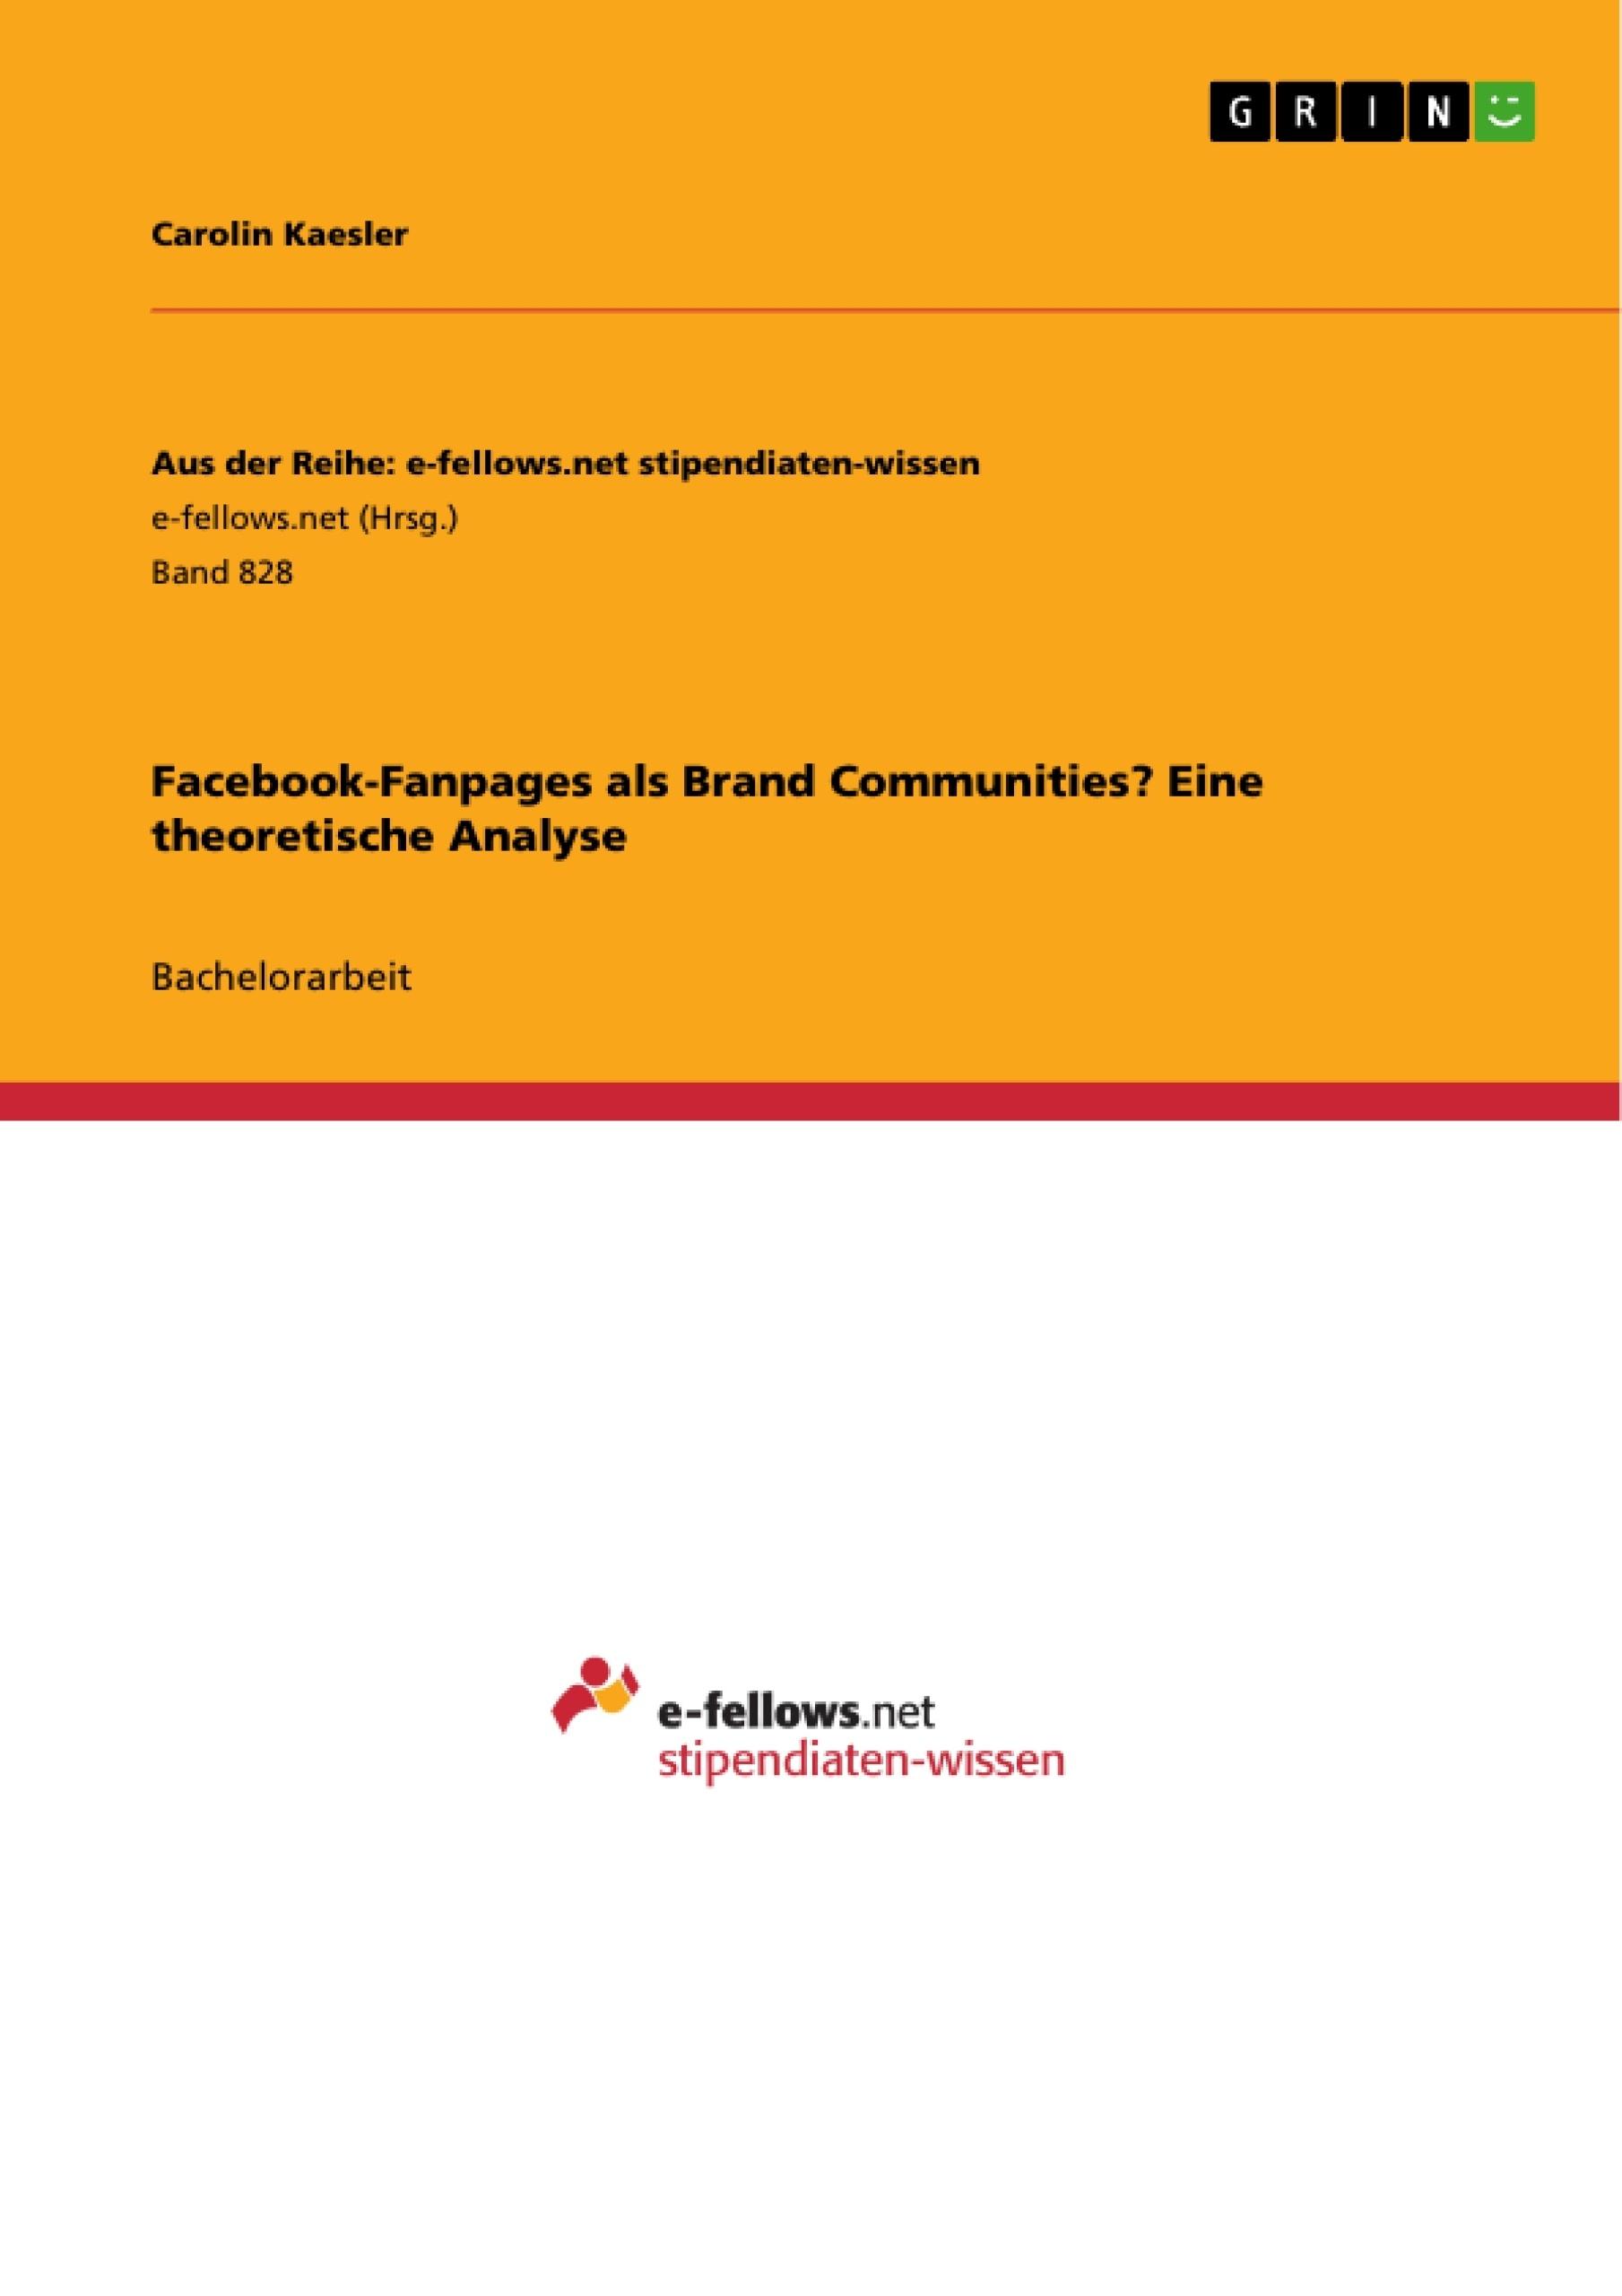 Titel: Facebook-Fanpages als Brand Communities? Eine theoretische Analyse